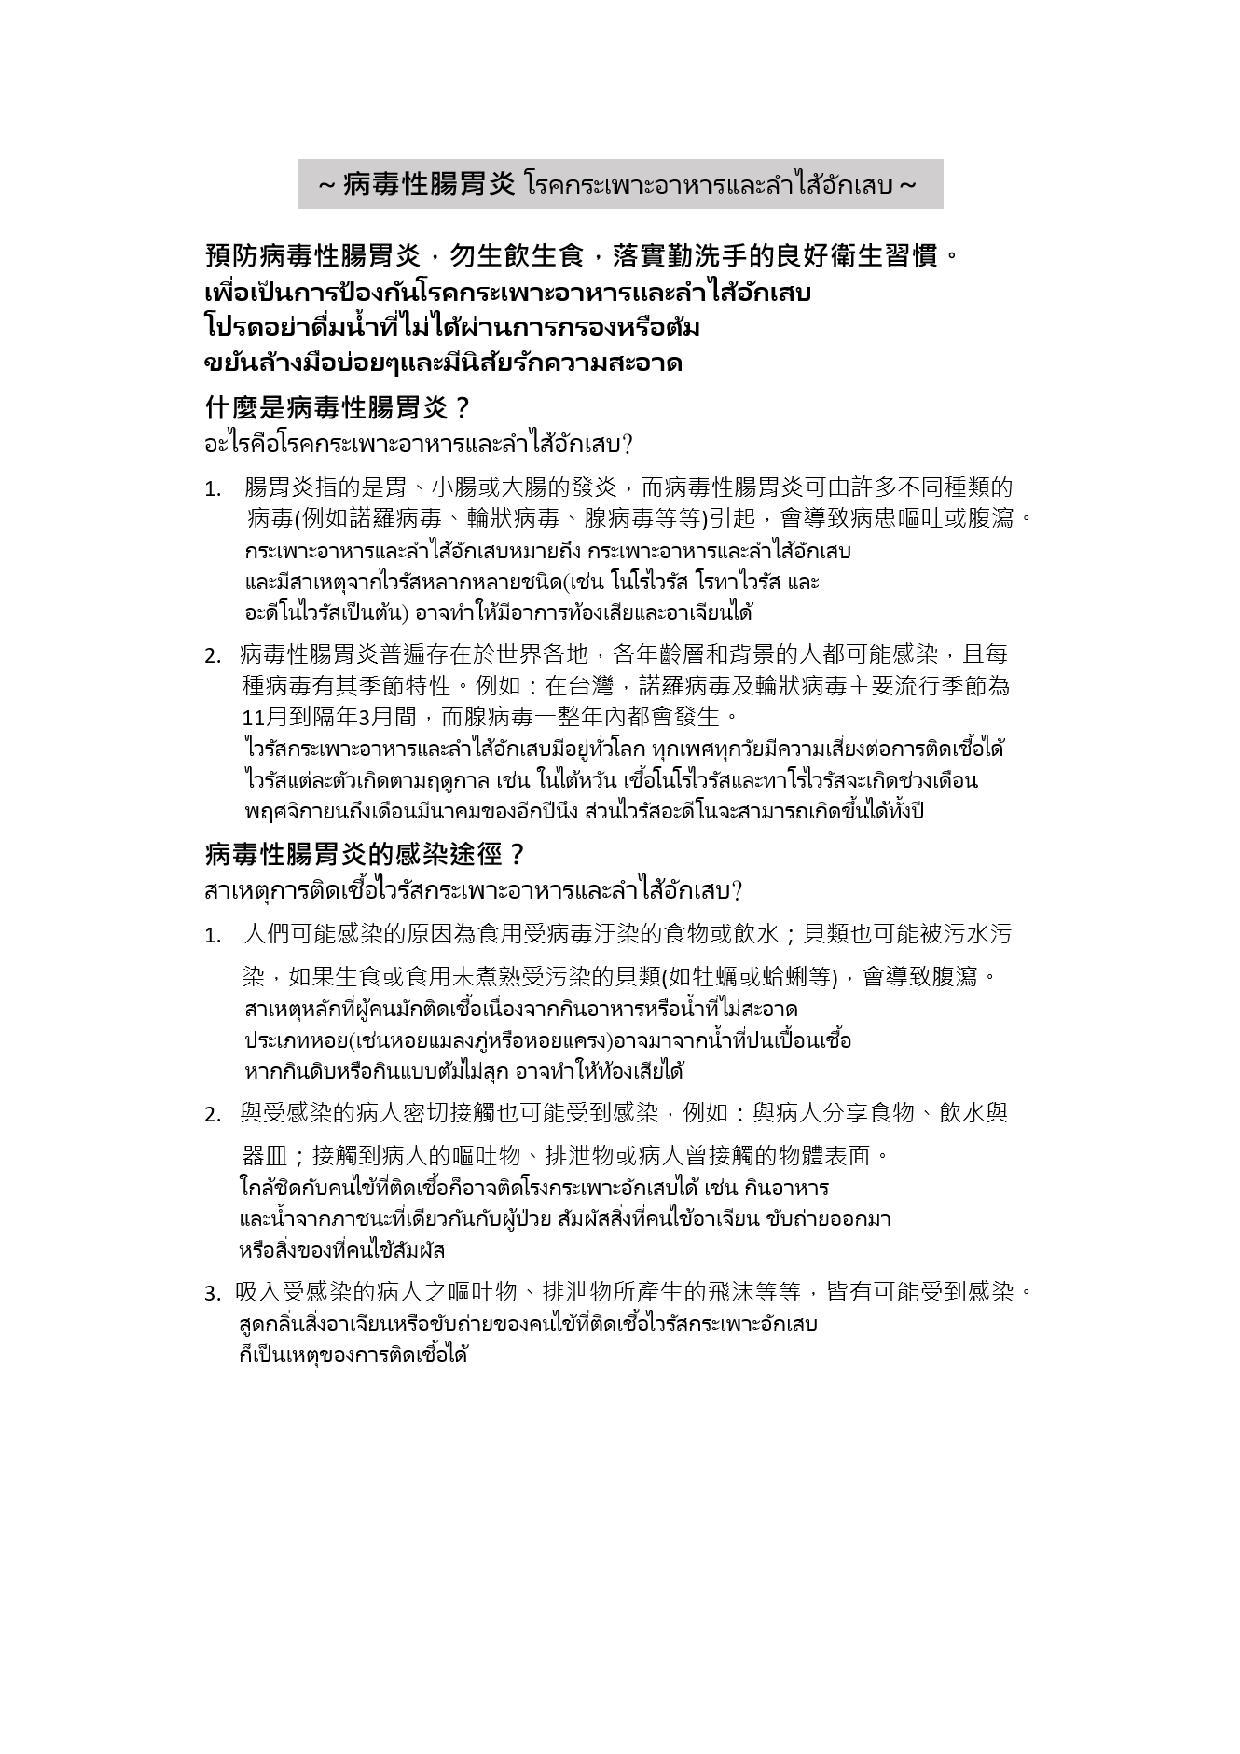 詳如附件【คลิก】เพื่อเป็นการป้องกันโรคกระเพาะอาหารและลำไส้อักเสบ(หน้า 1)預防病毒性腸胃炎(泰文)